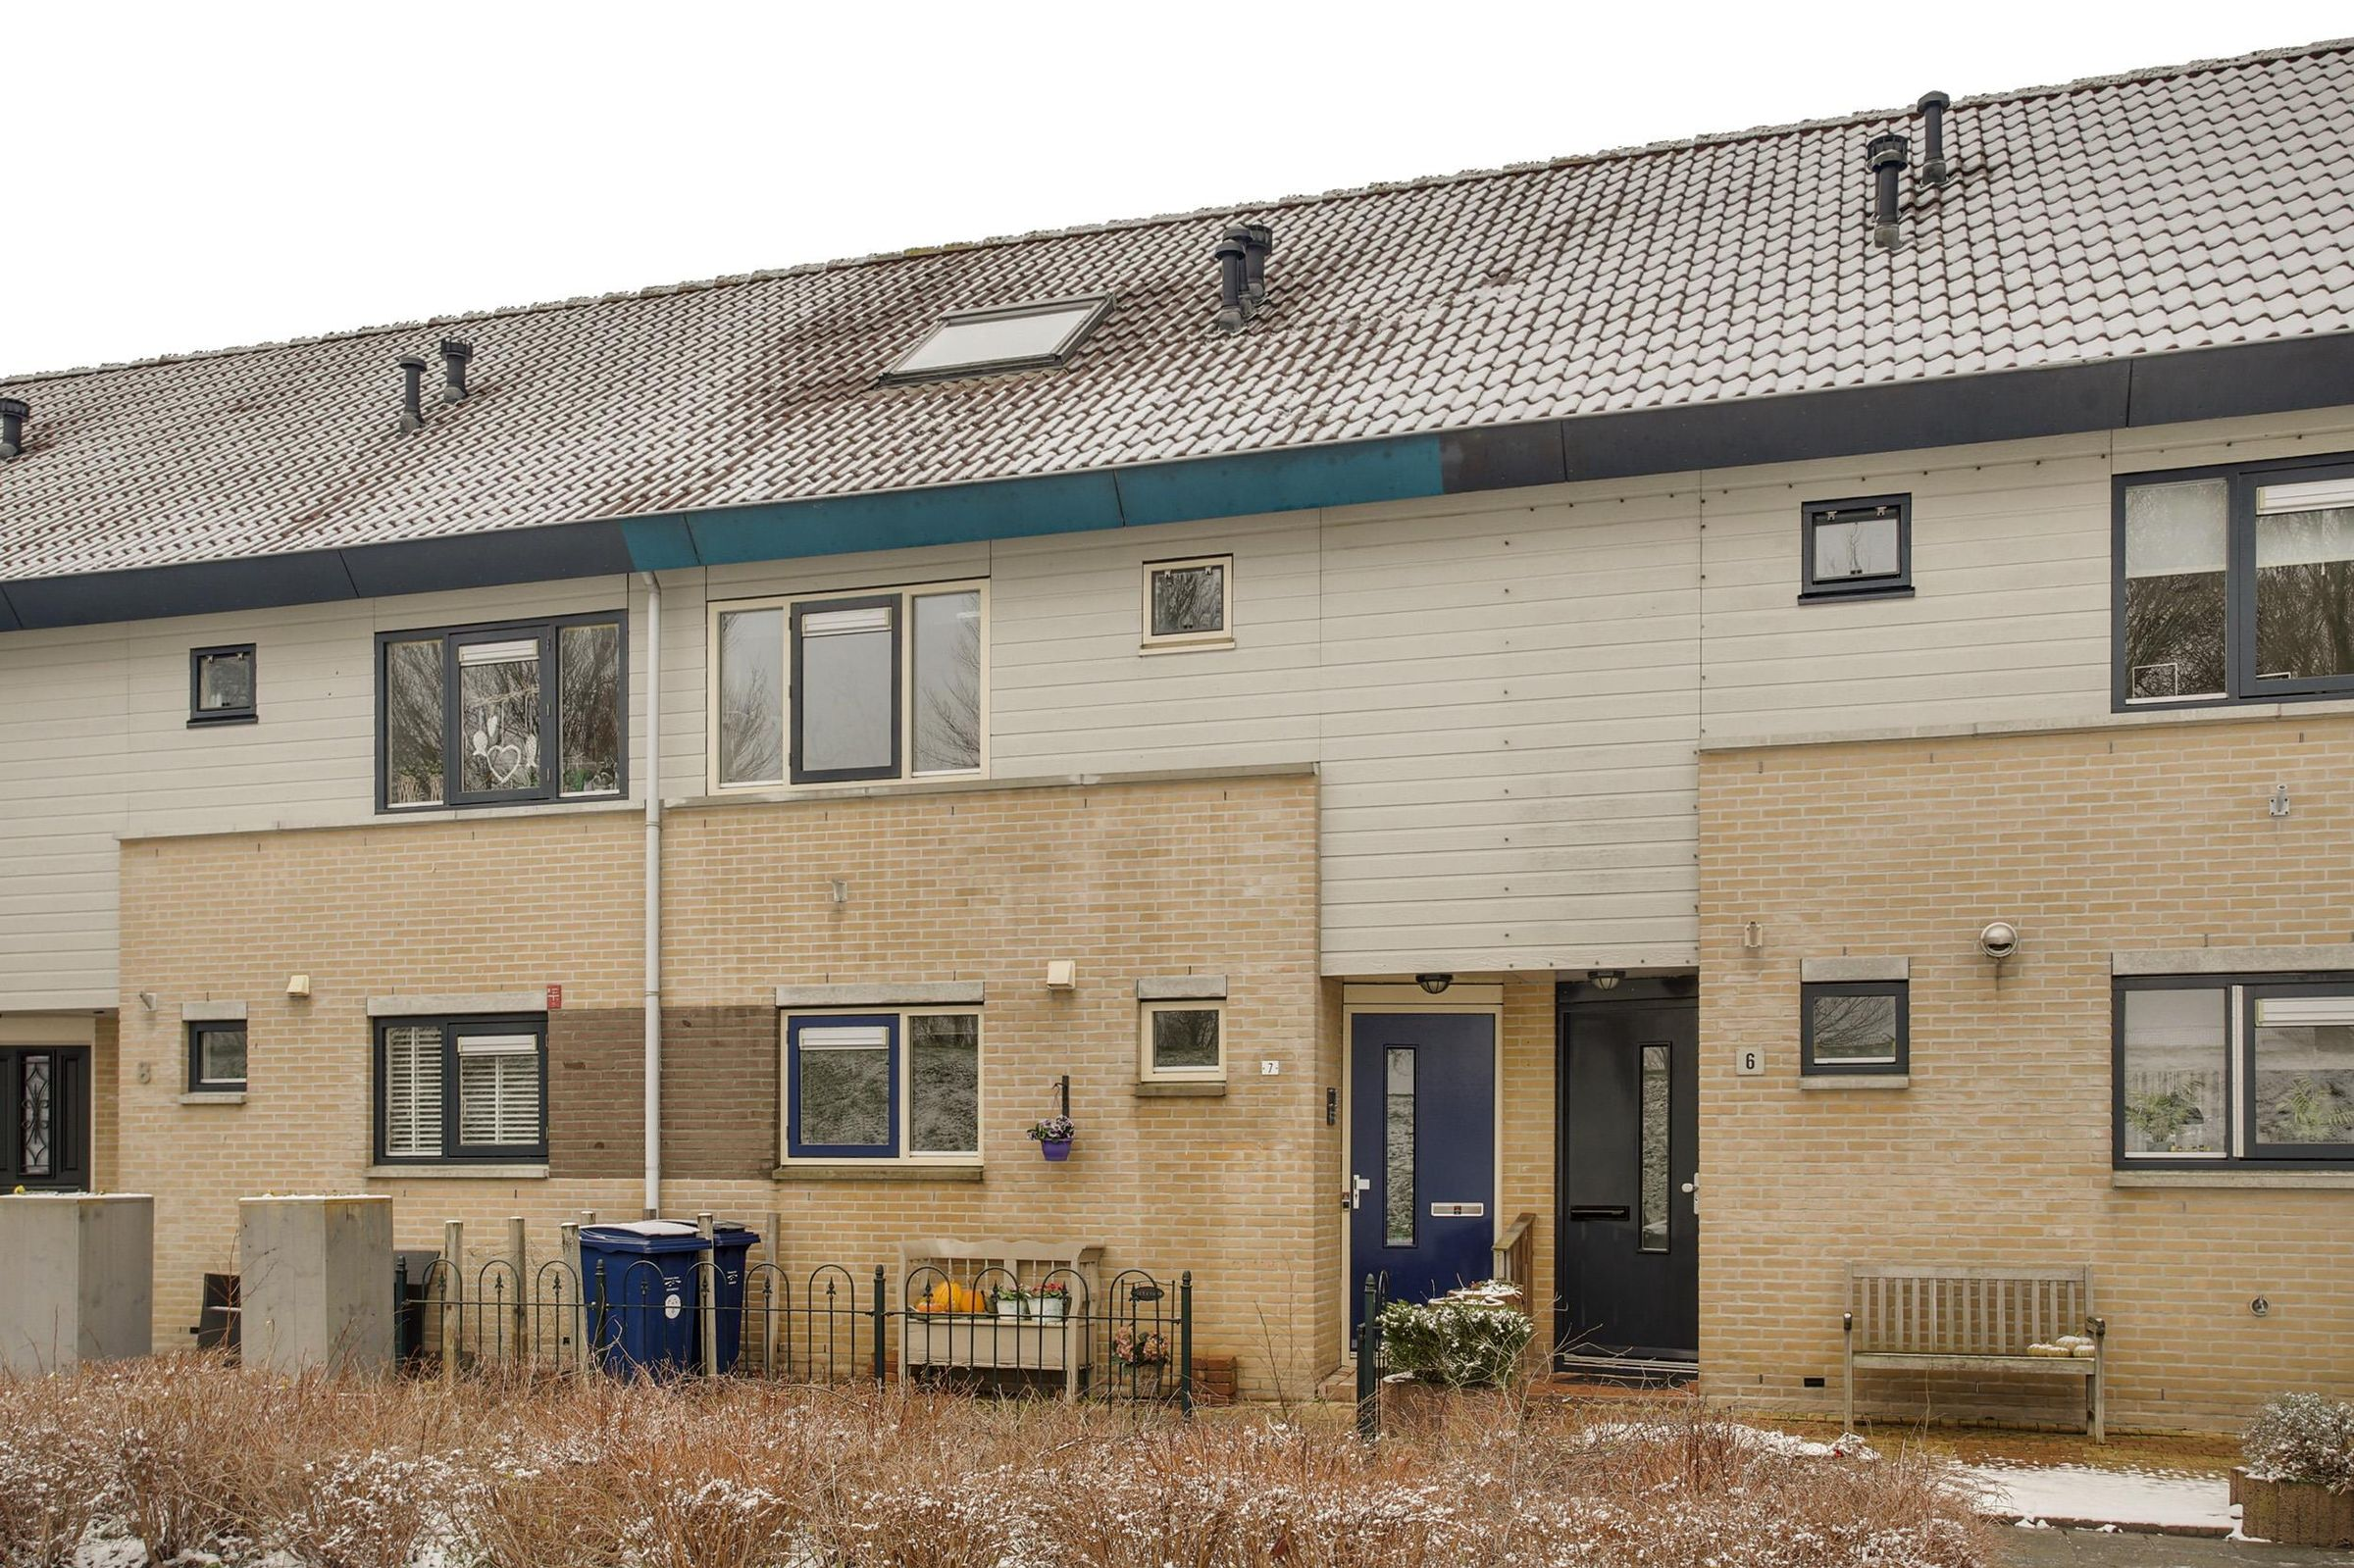 Sonia Gaskellstraat 7, Almere